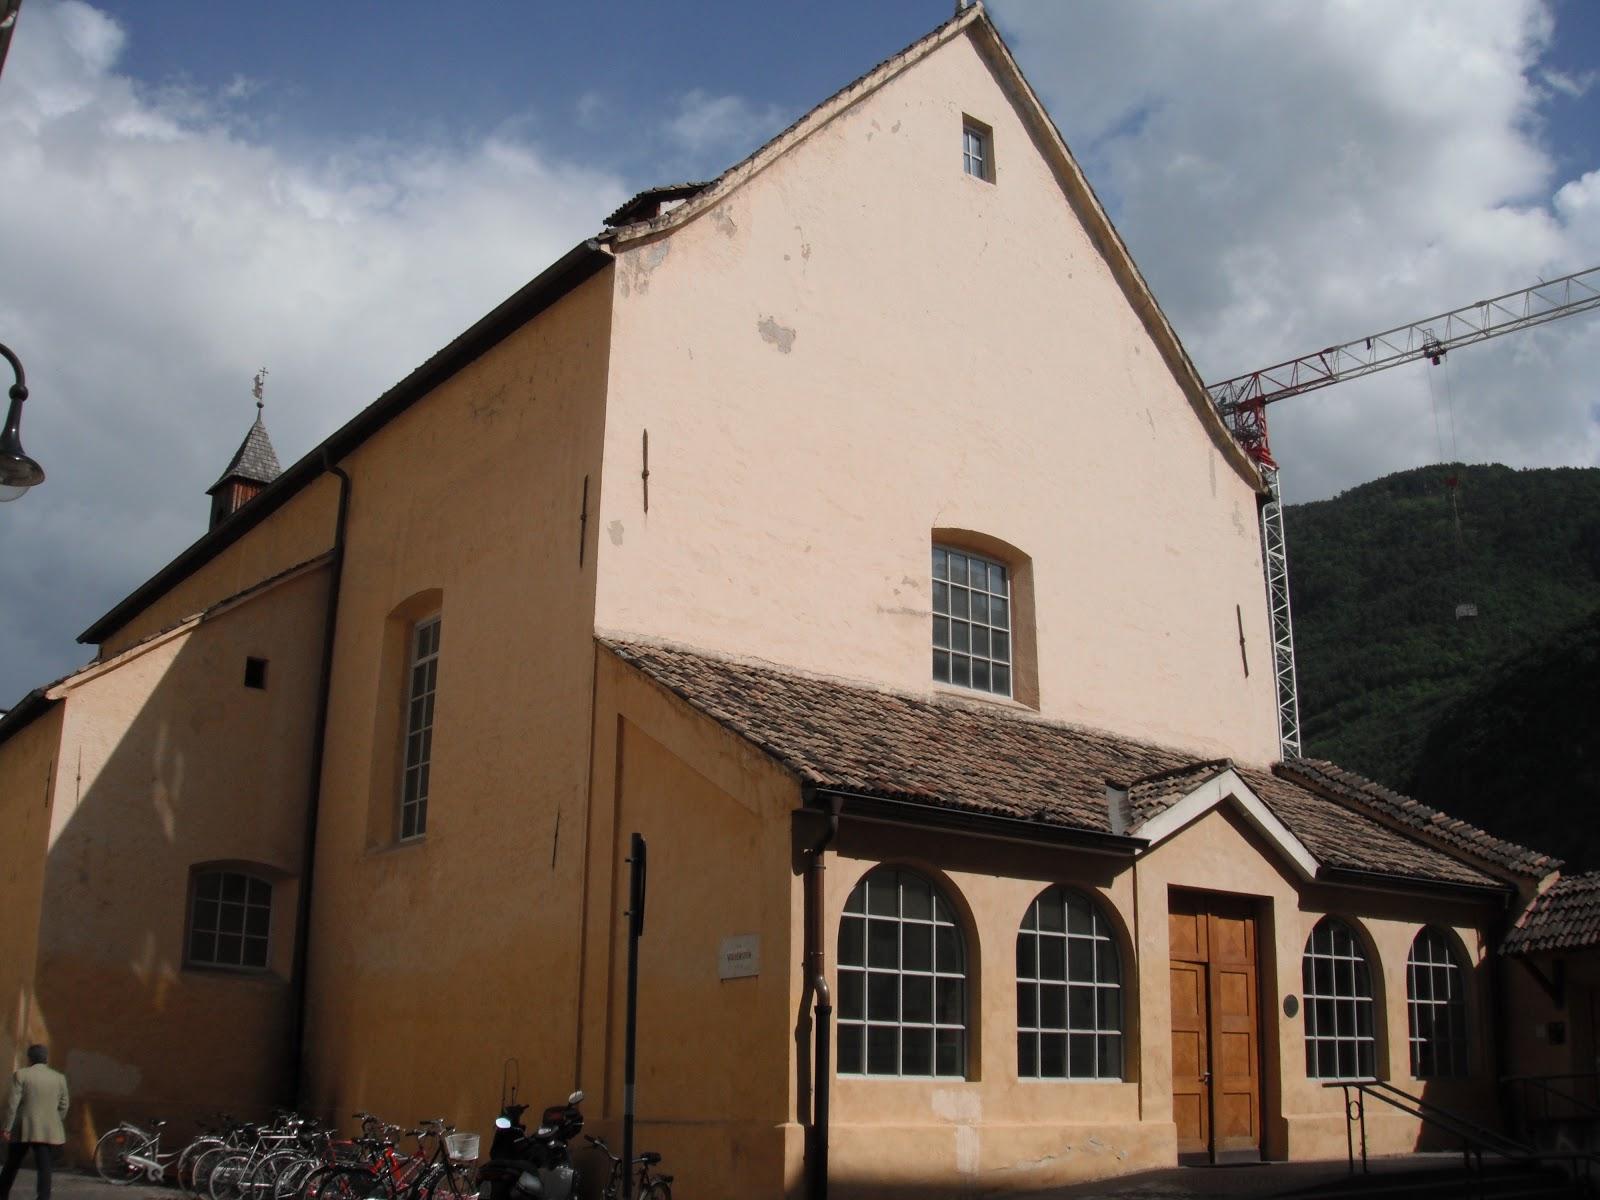 Lina Montan, una guida turistica con voi: Convento e ...